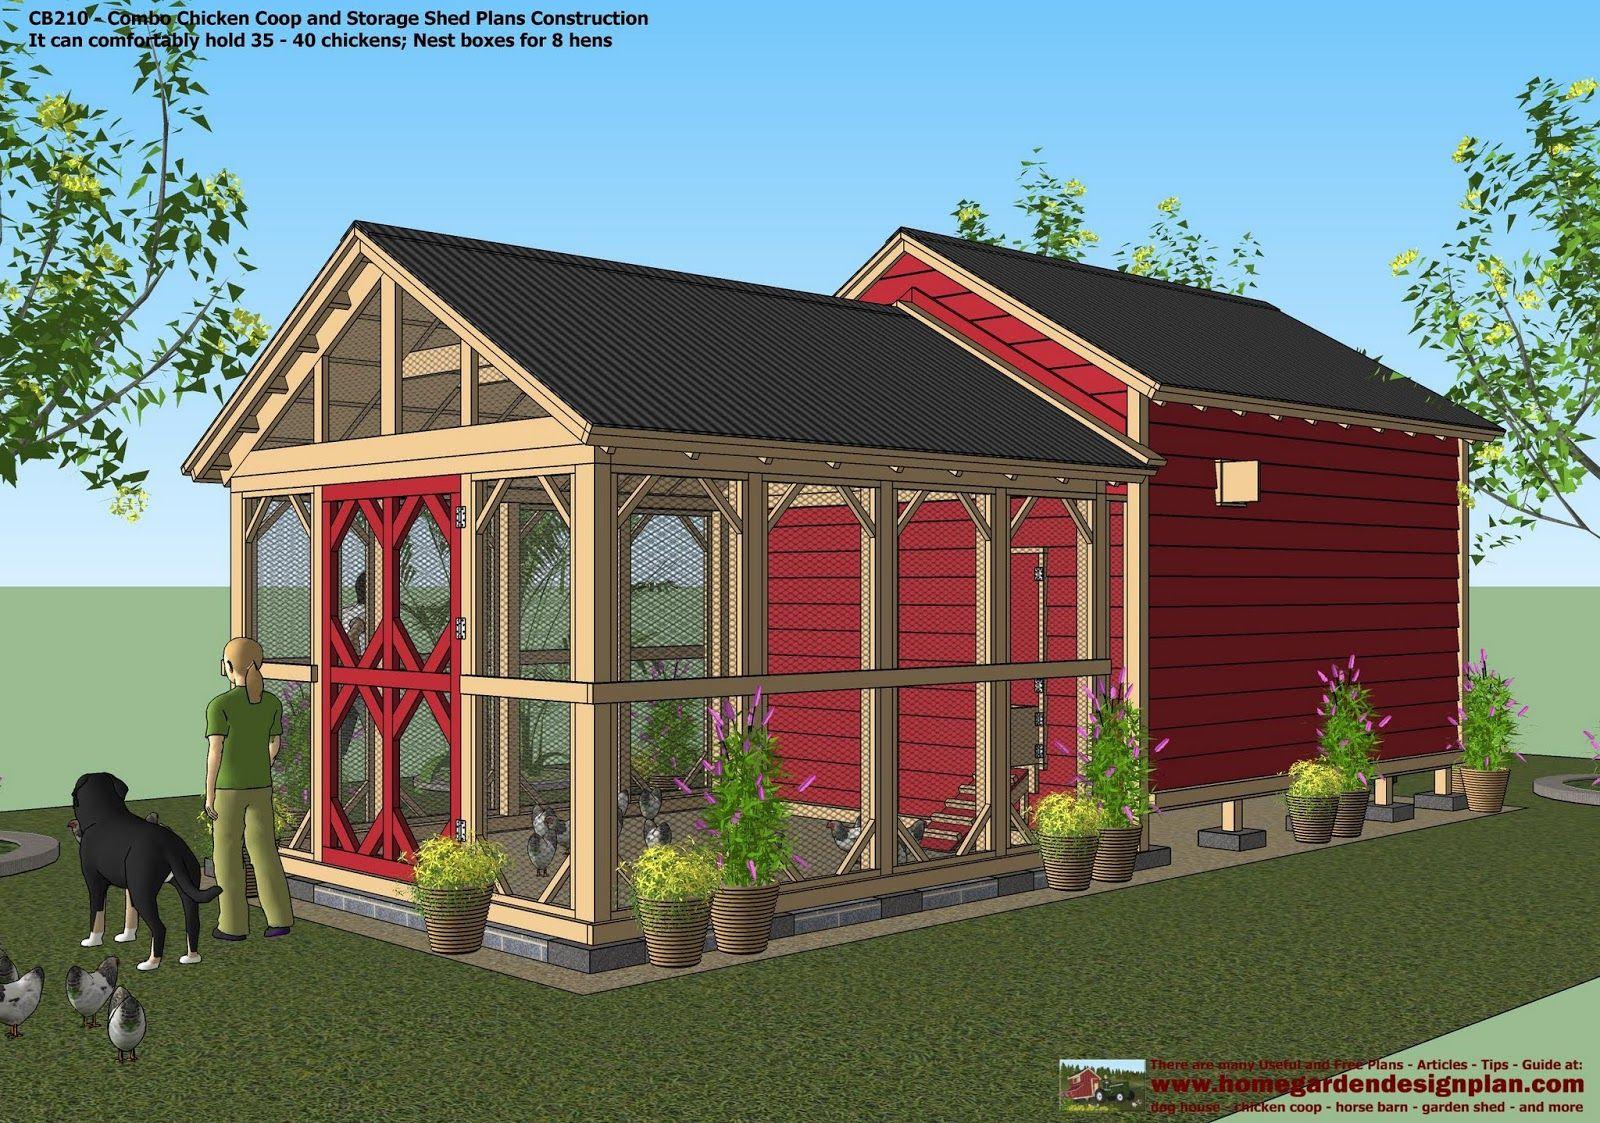 Storage Shed En Co Op Garden Sheds Plans Construction Coop Design